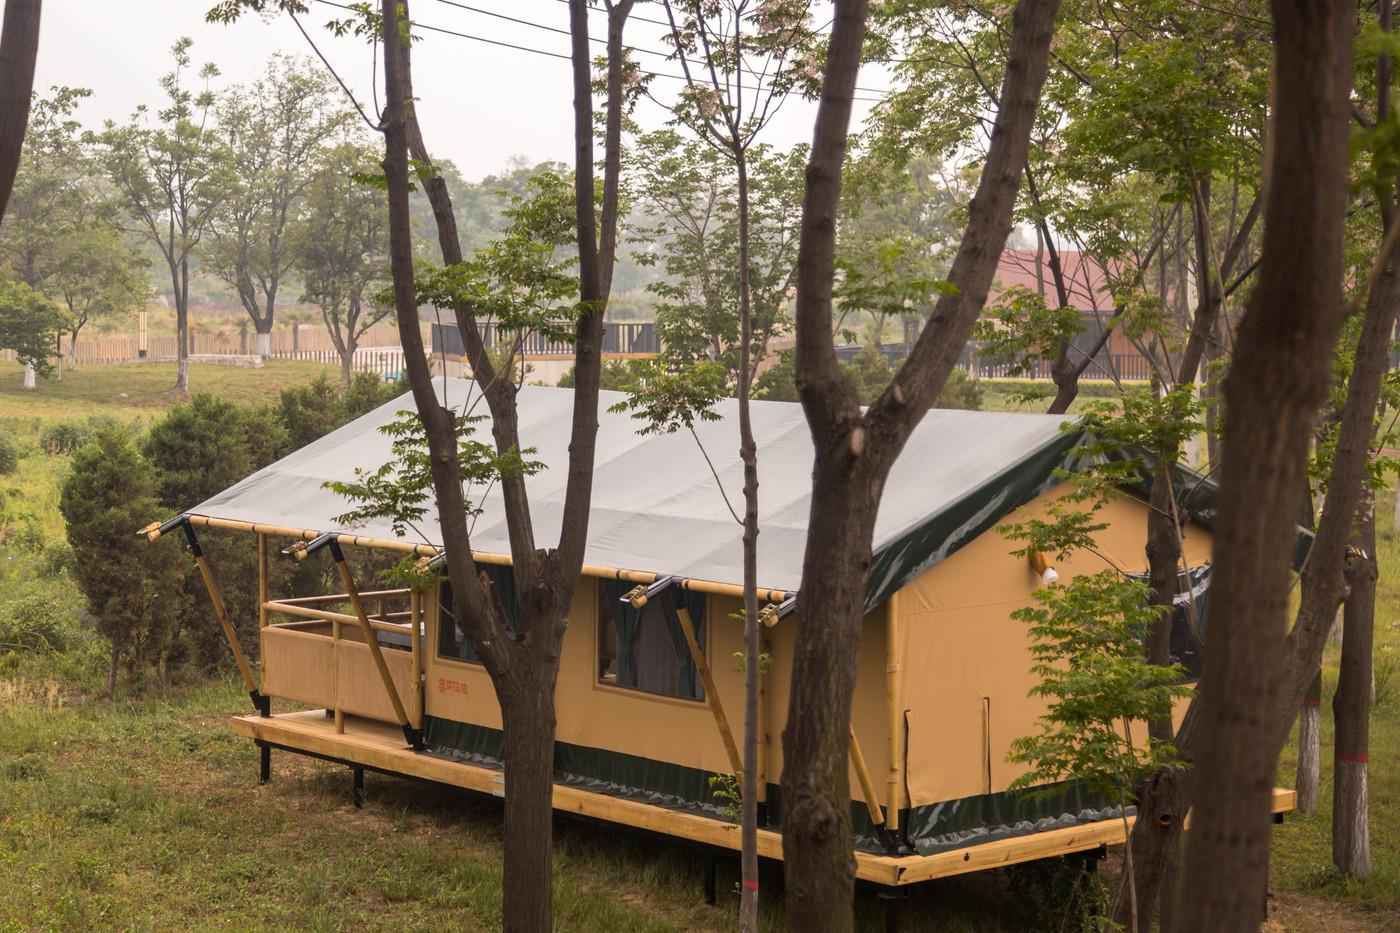 喜马拉雅野奢帐篷酒店—华山自驾游露营地(54平)4